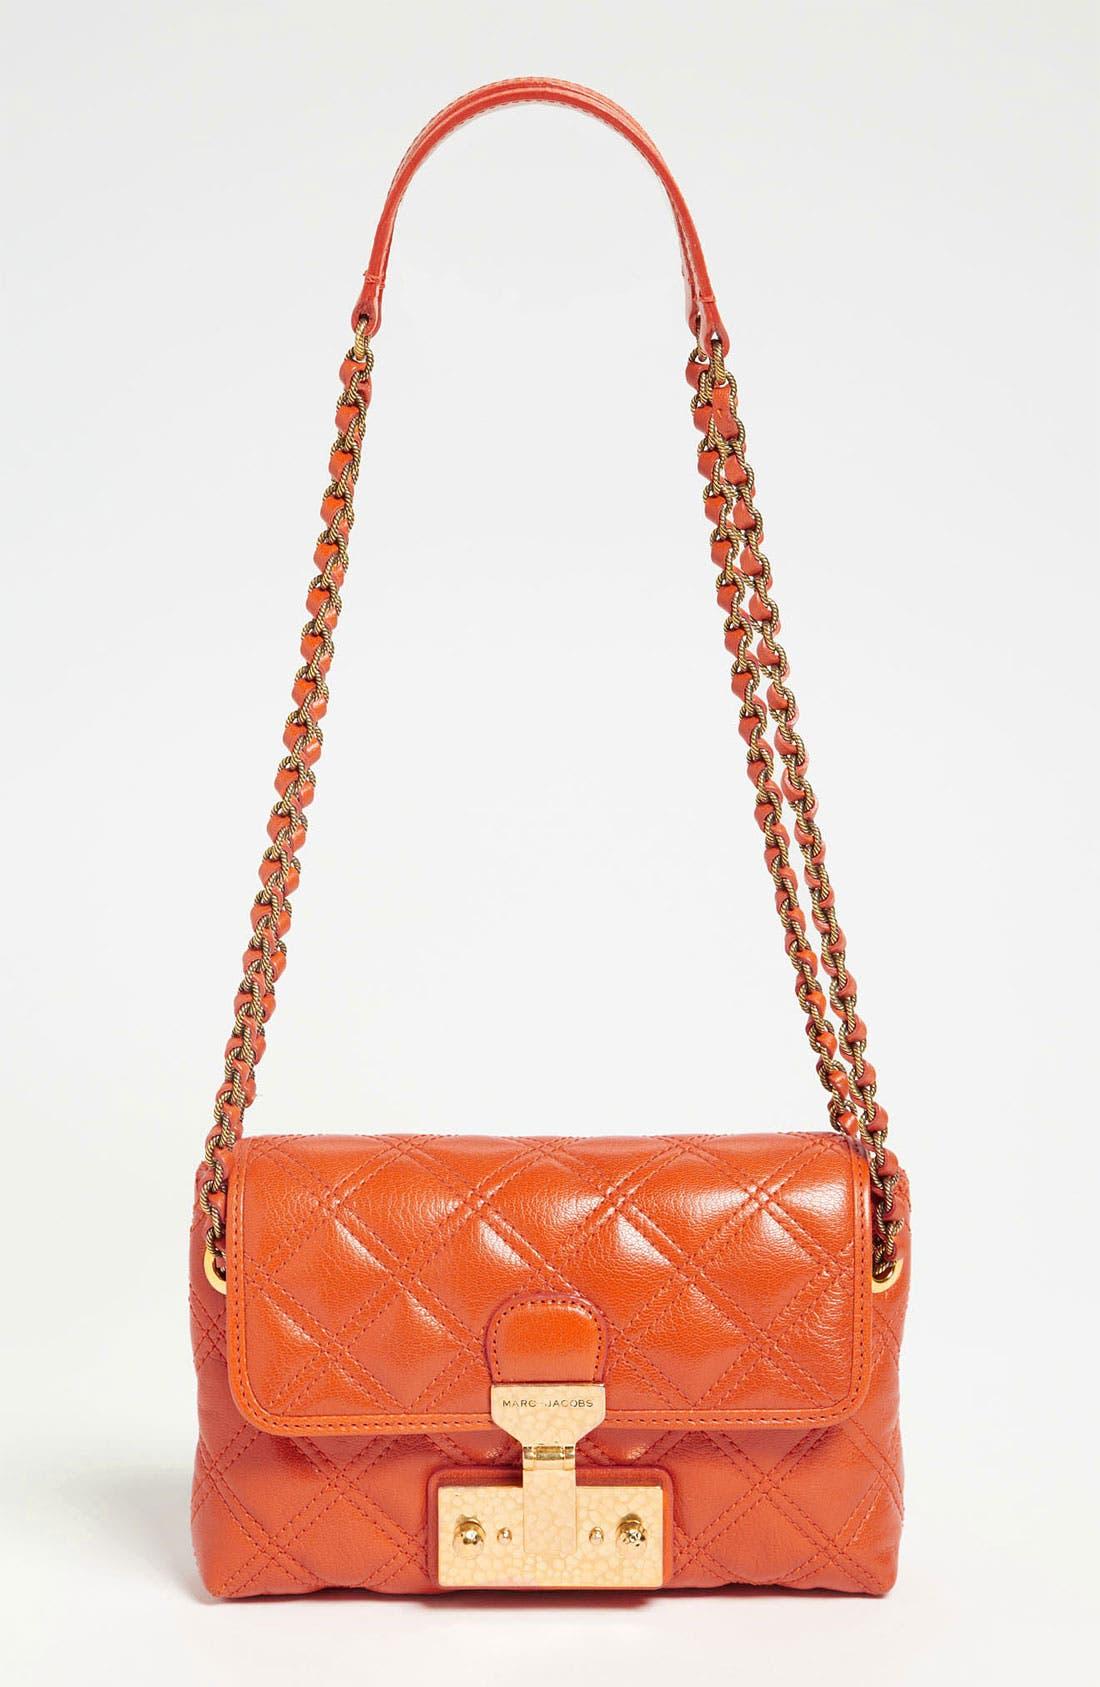 Main Image - MARC JACOBS 'Baroque - Single' Leather Shoulder Bag